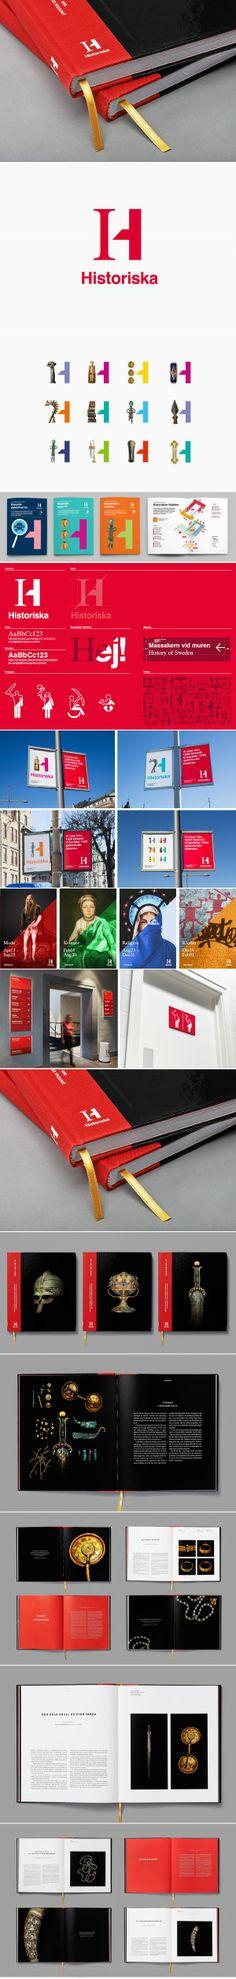 Historiska - Branding